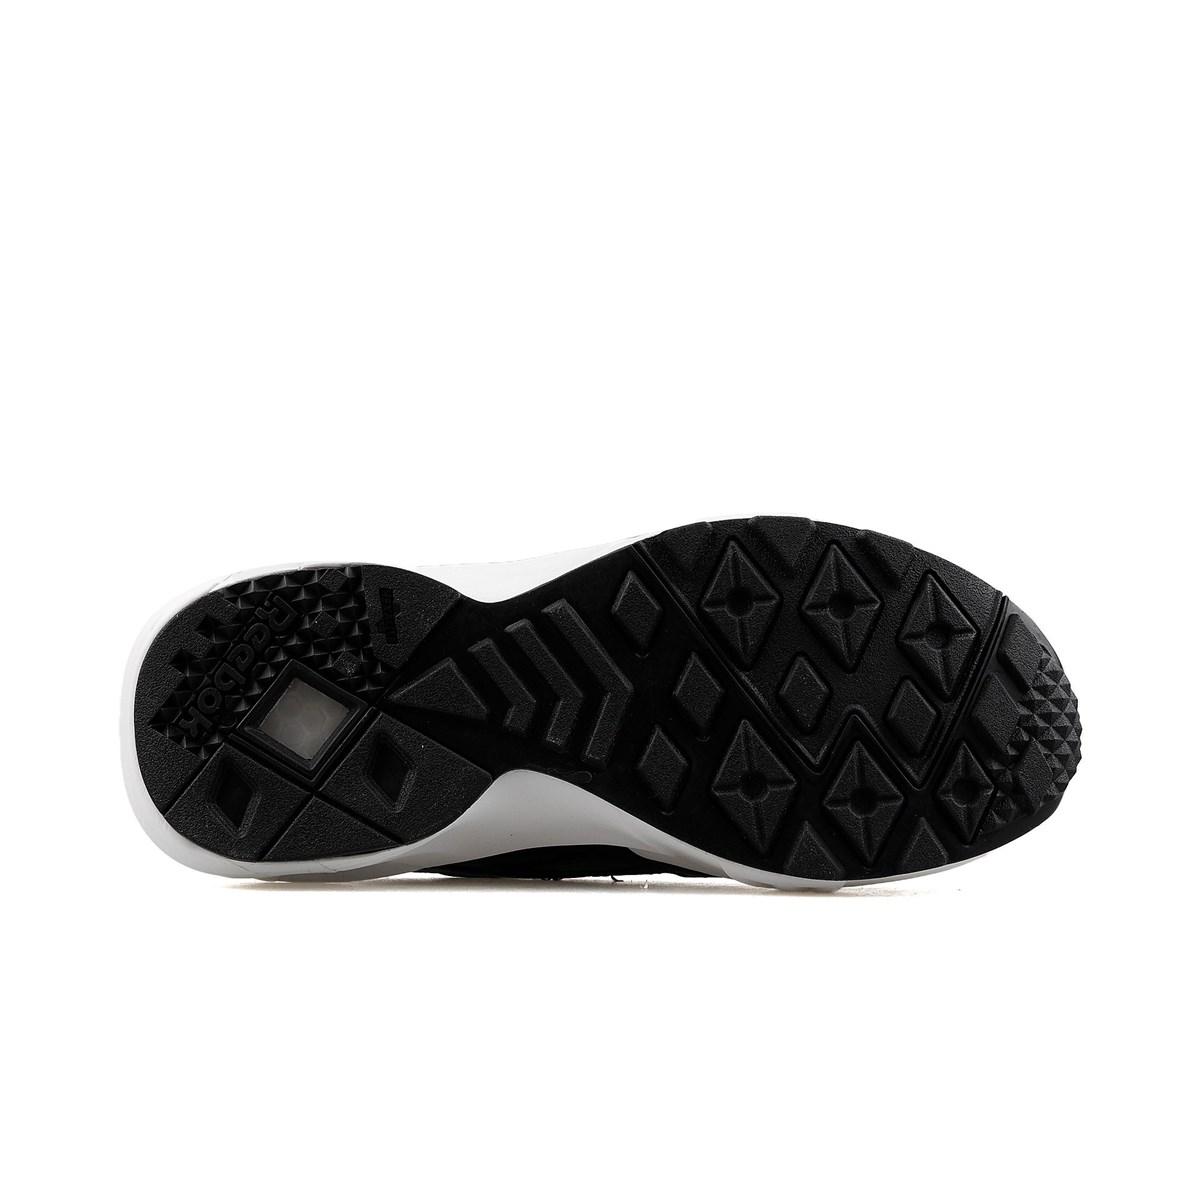 Aztrek Double Mix Kadın Siyah Spor Ayakkabı